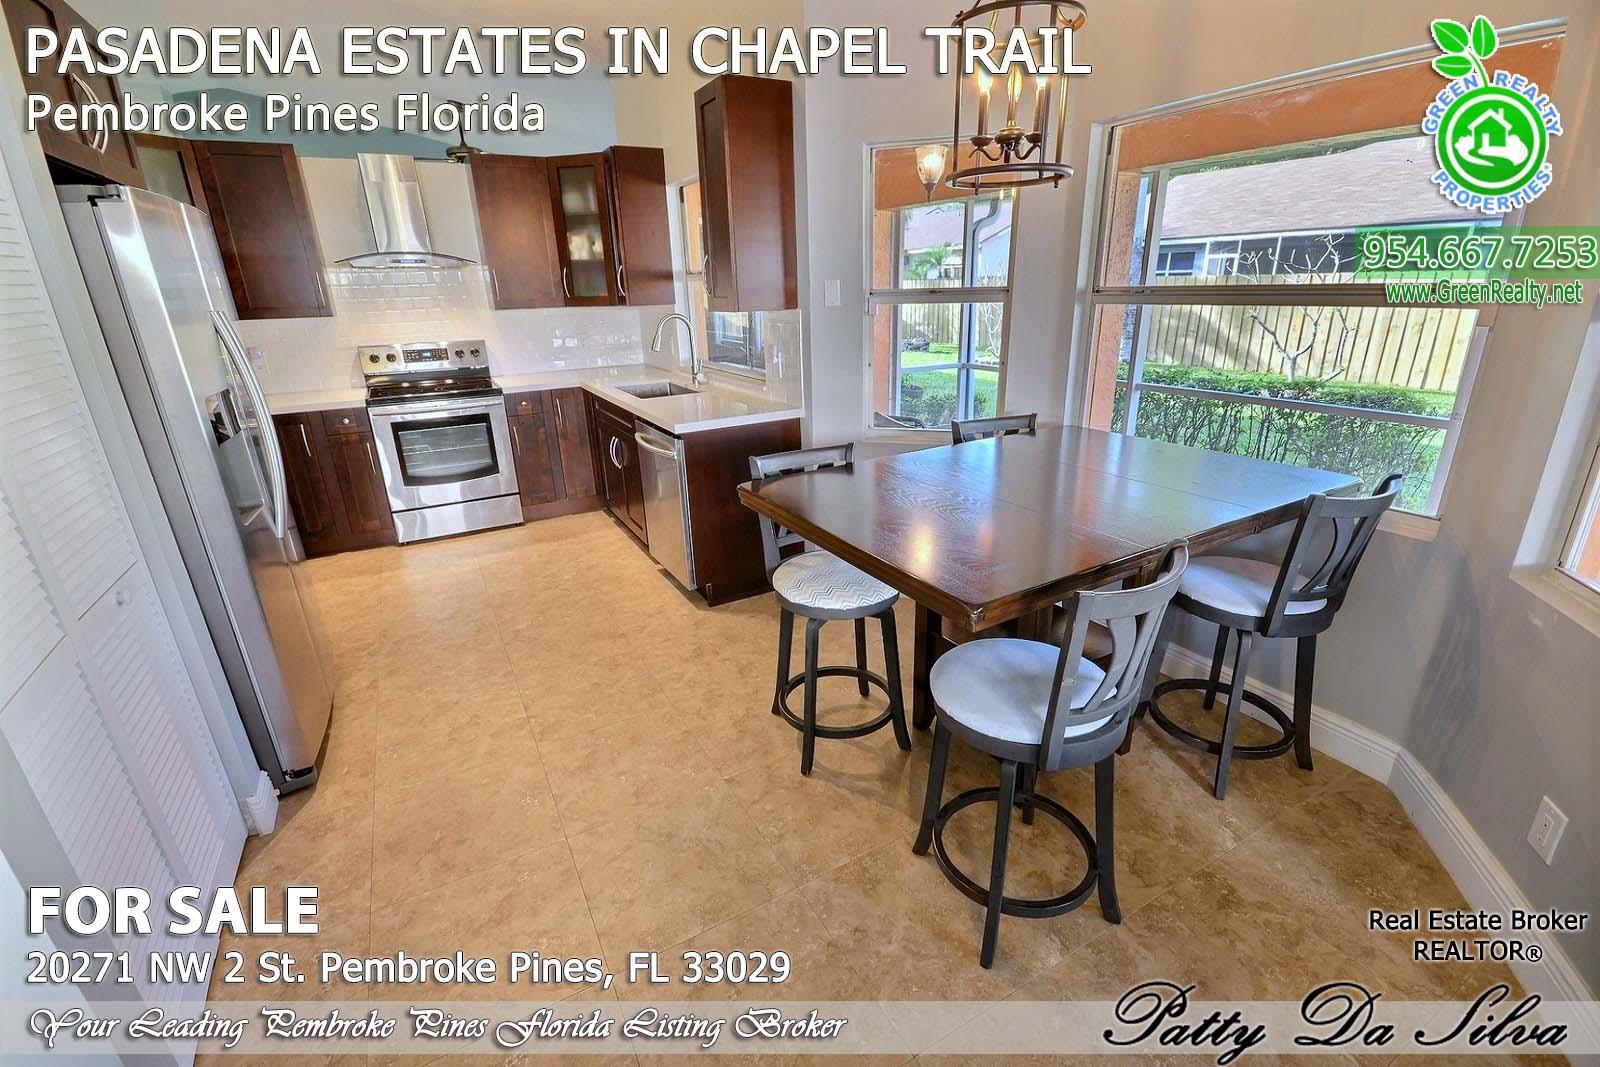 Pasadena Estates of Chapel Trail - Pembroke Pines FL (25)